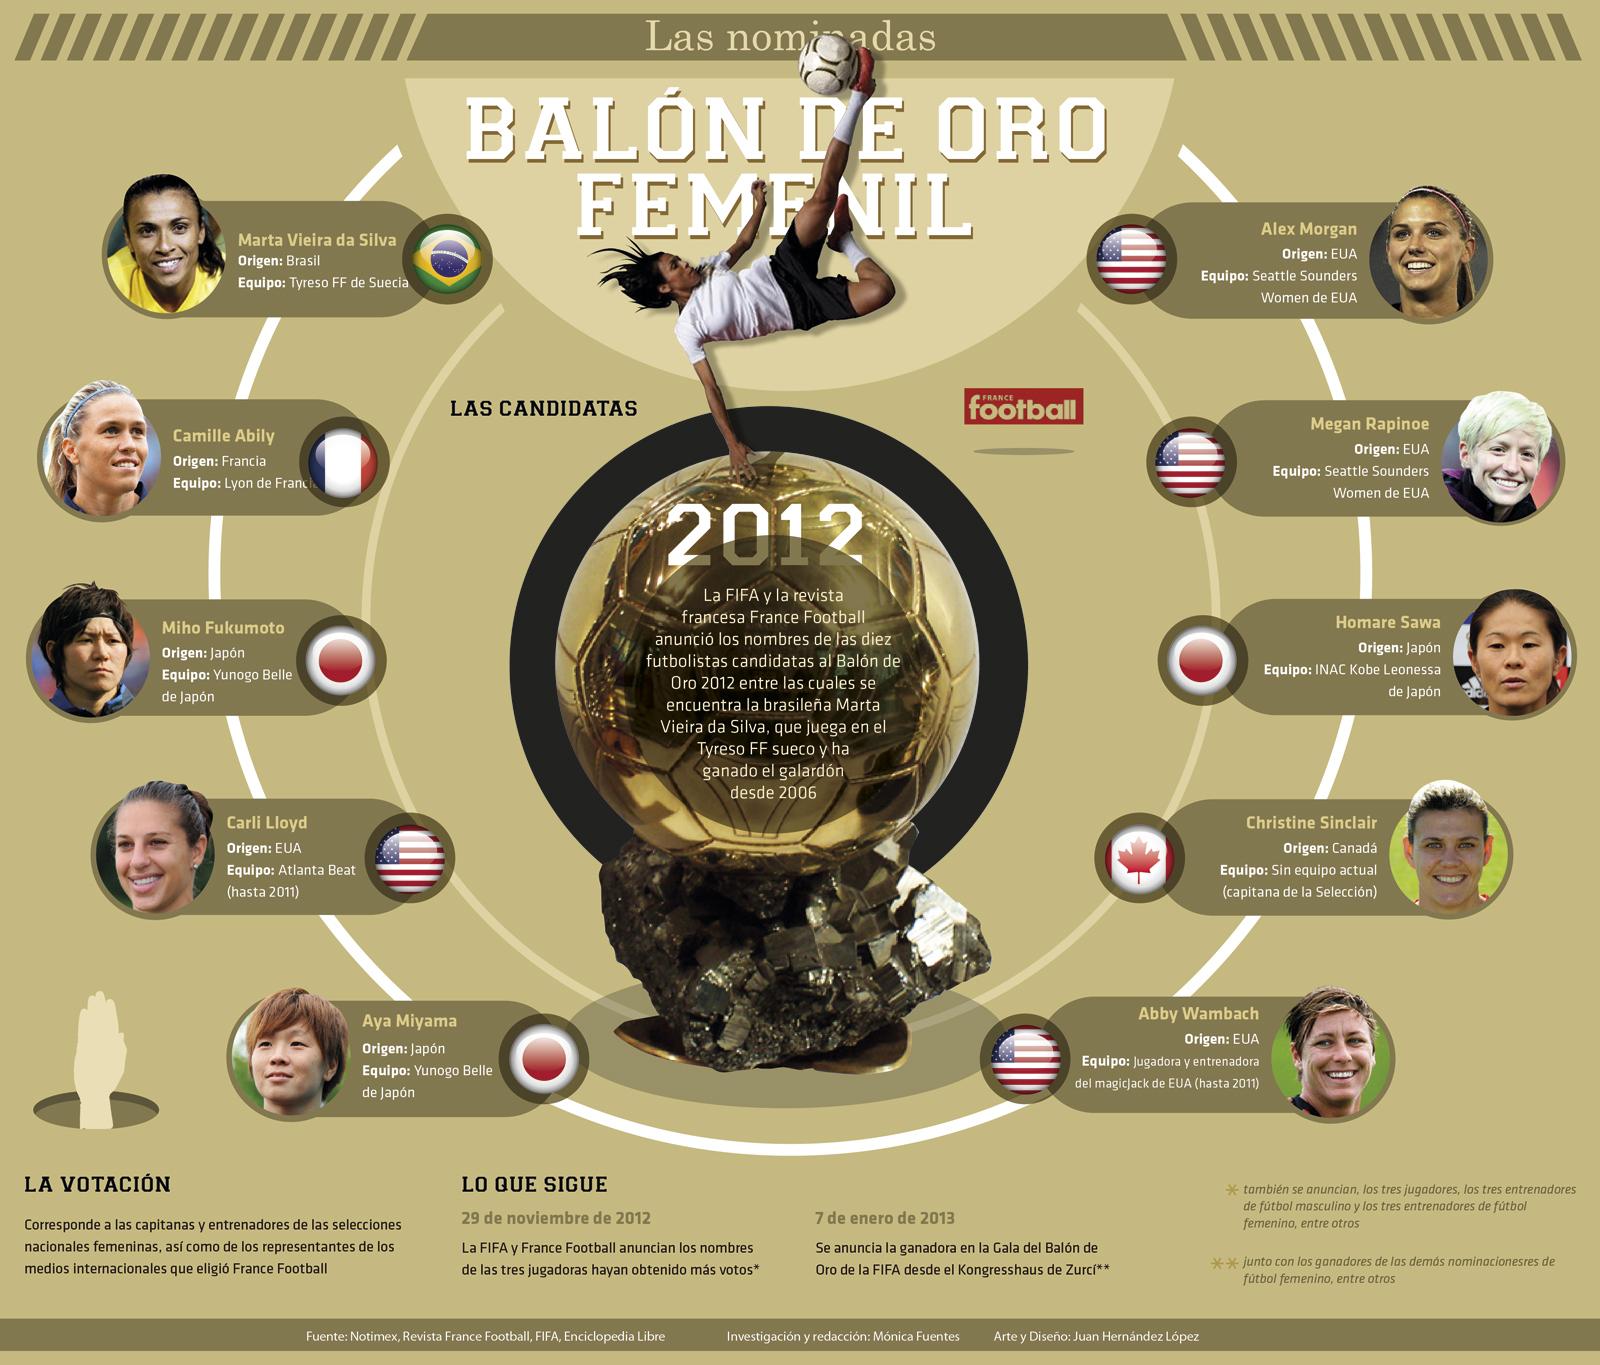 Las 10 jugadoras nominadas al Balón de Oro 2012